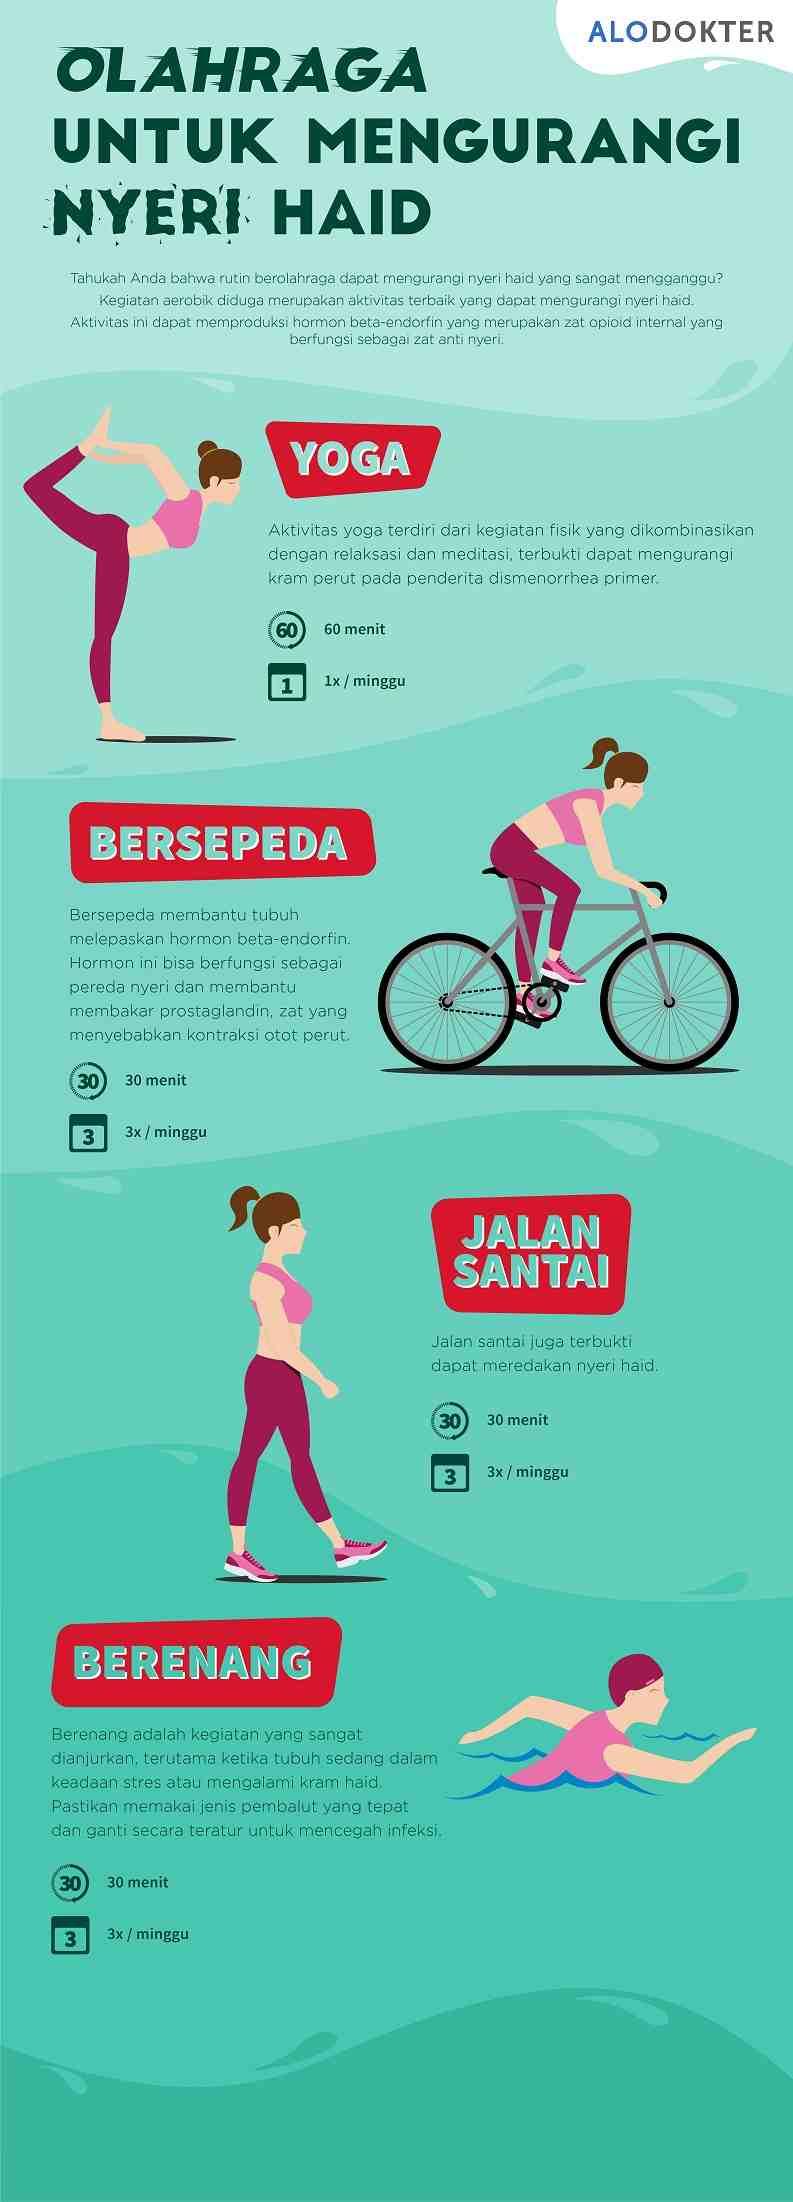 infografis feminax (take out) 2 - Alodokter